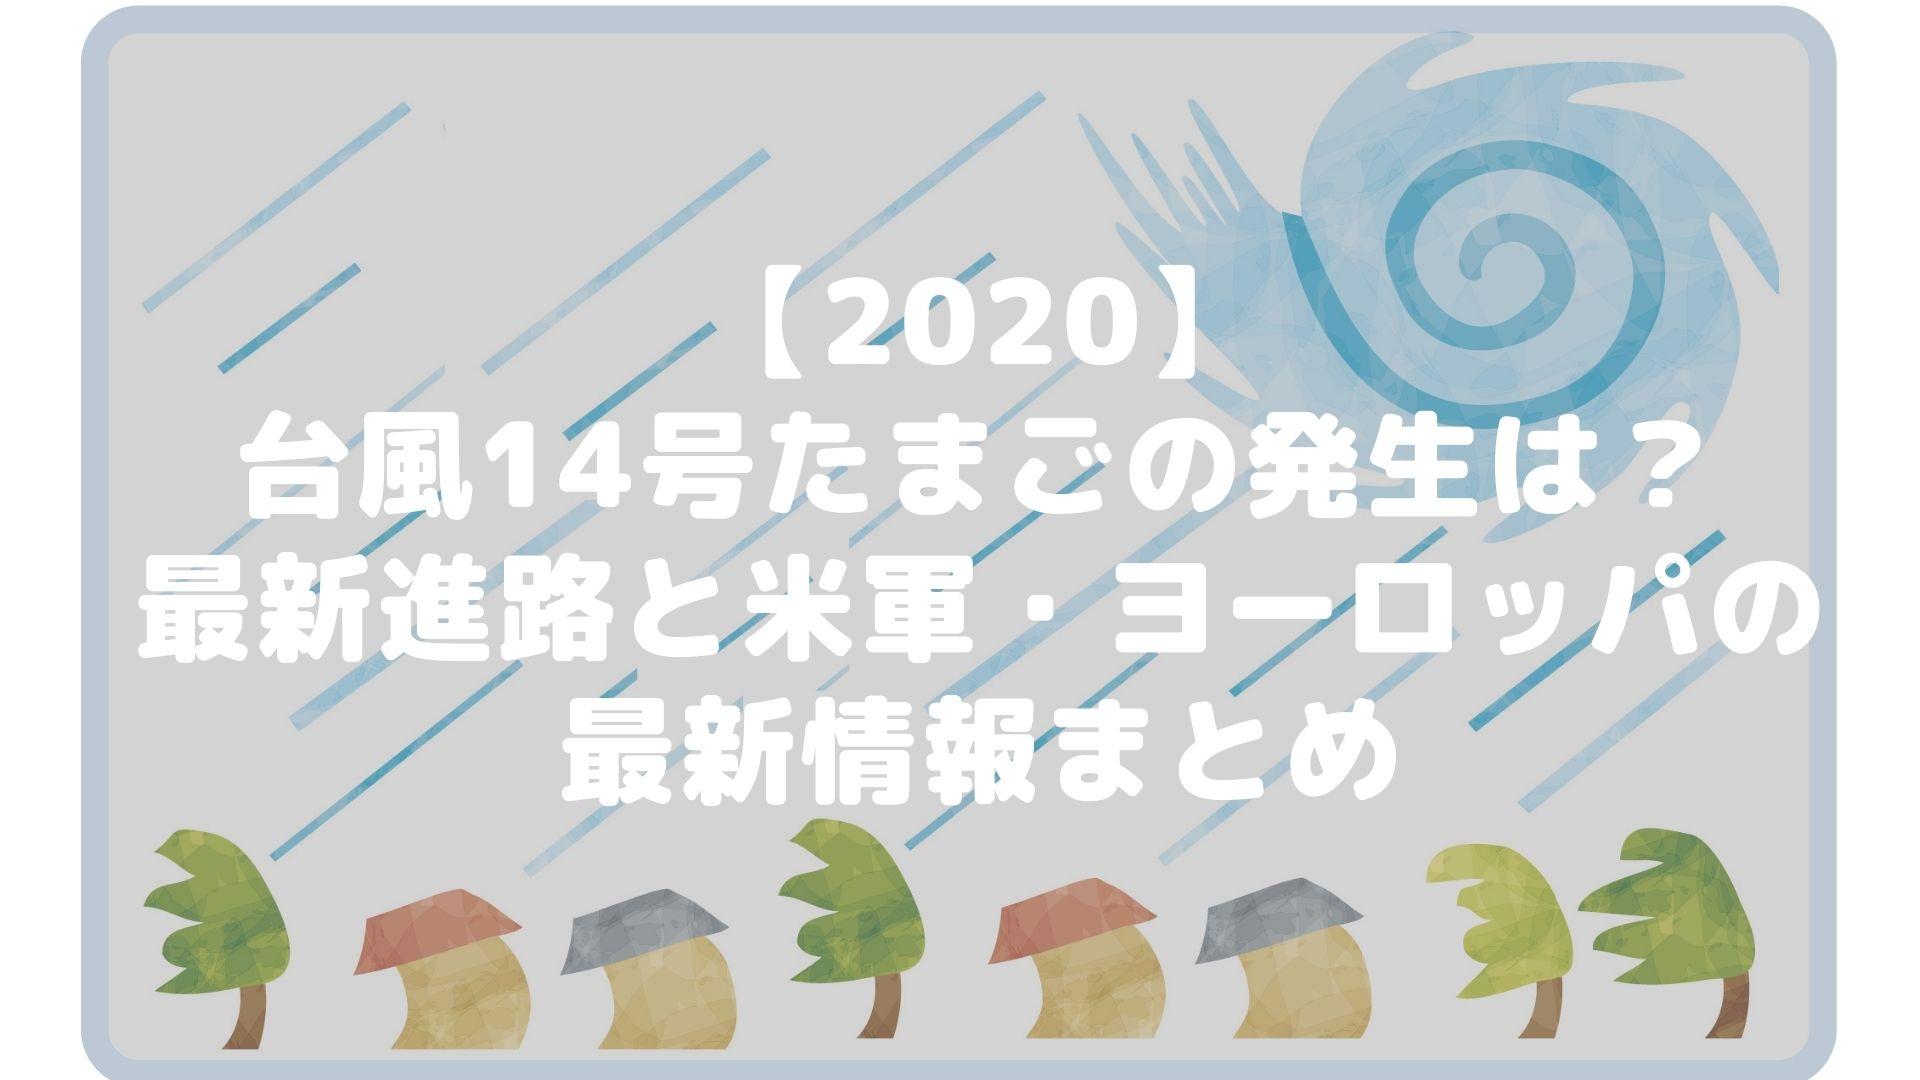 【2020】台風14号のたまごの発生は?最新進路と米軍・ヨーロッパの最新情報まとめタイトル画像